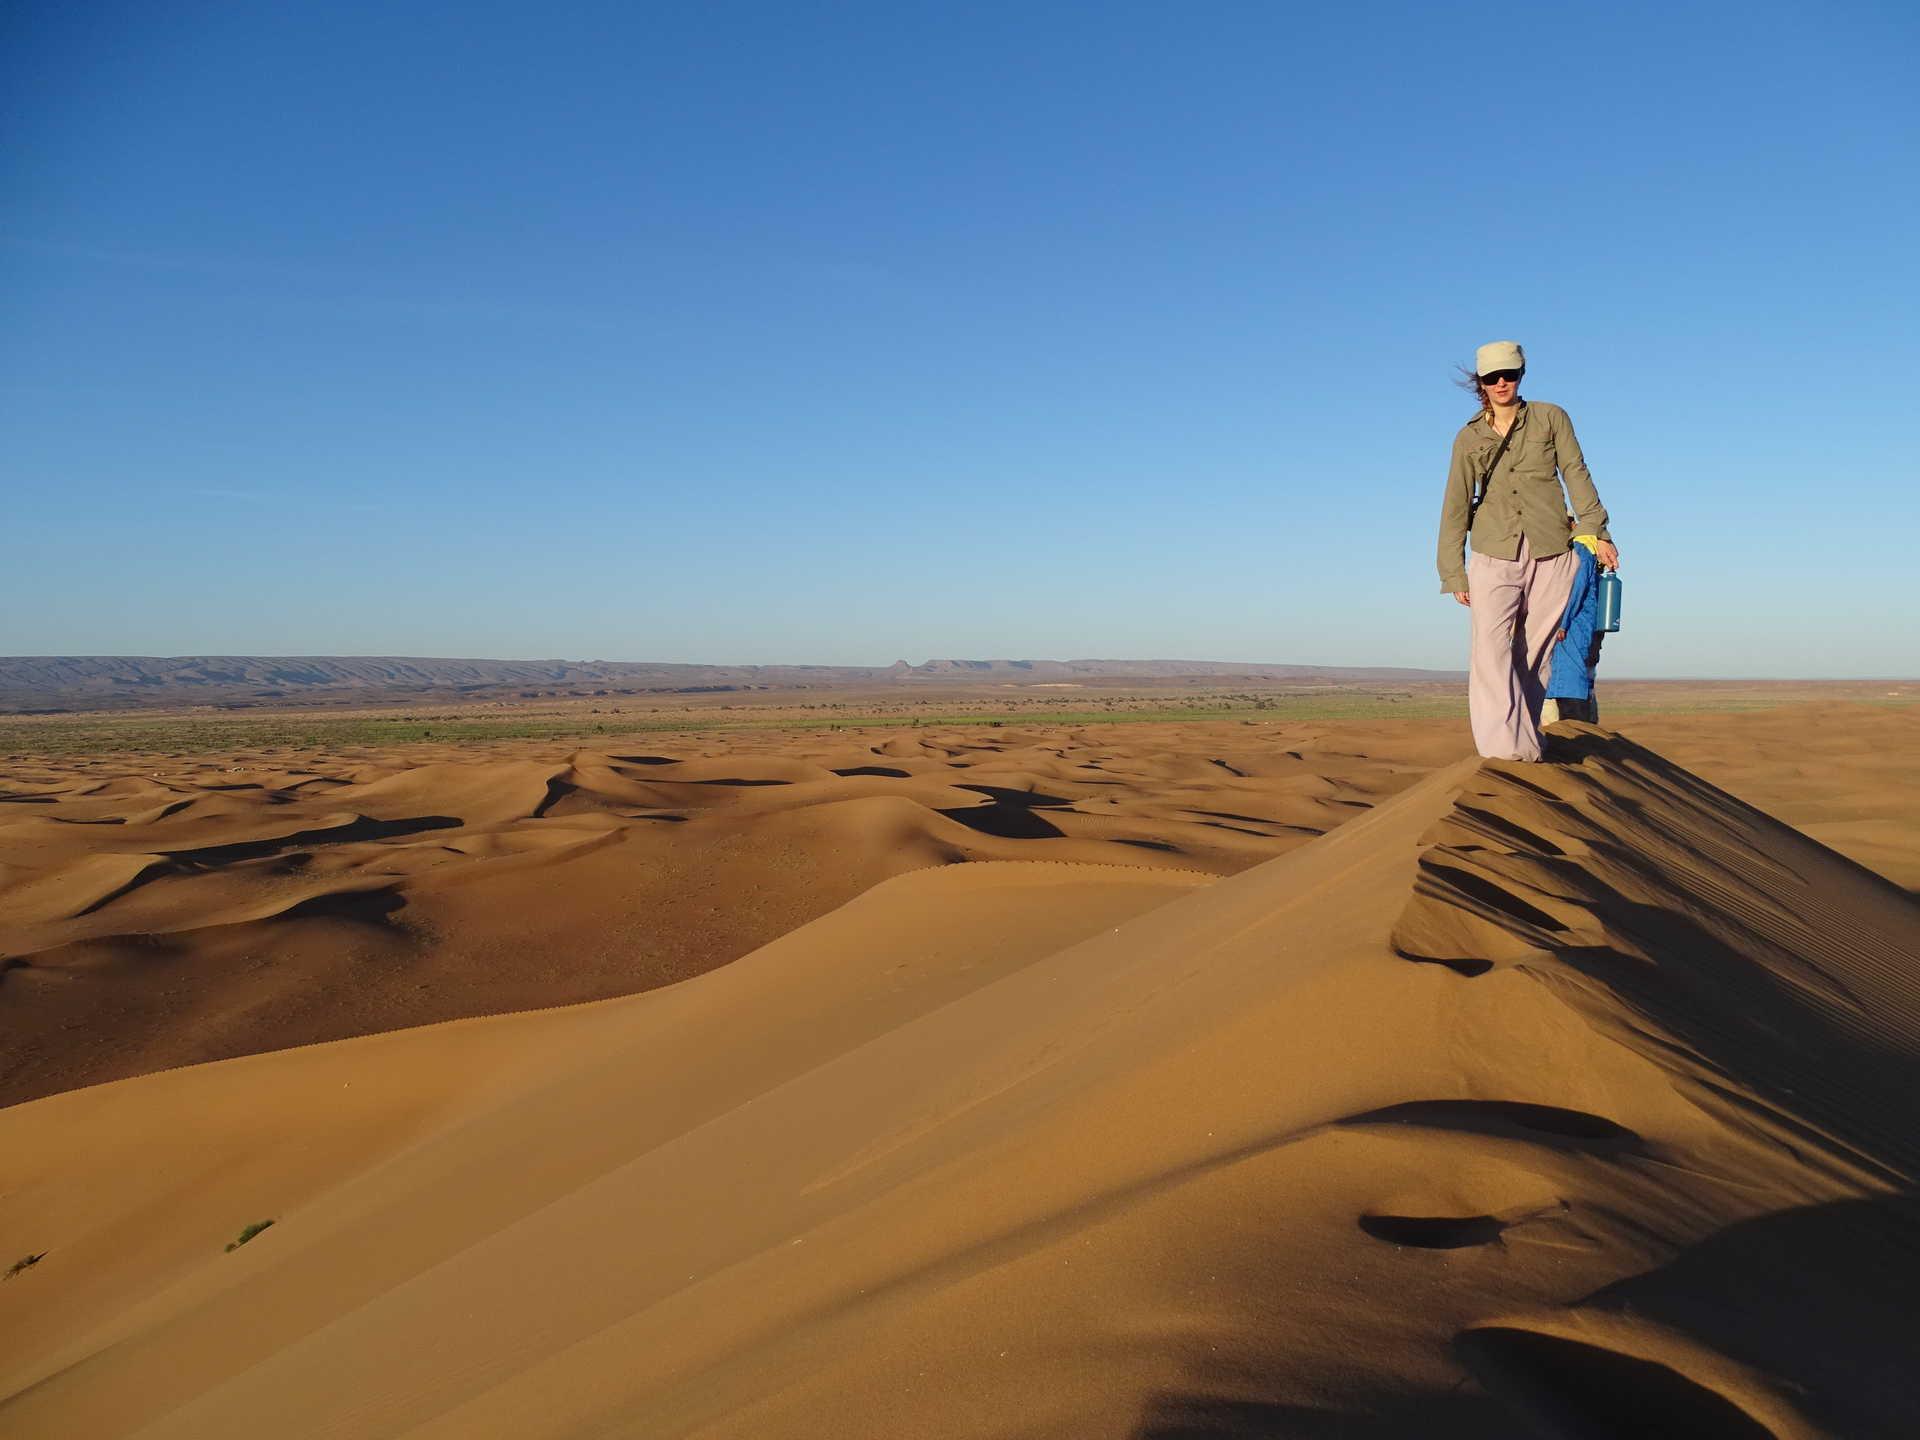 Marcheur dans le Drâa, Maroc